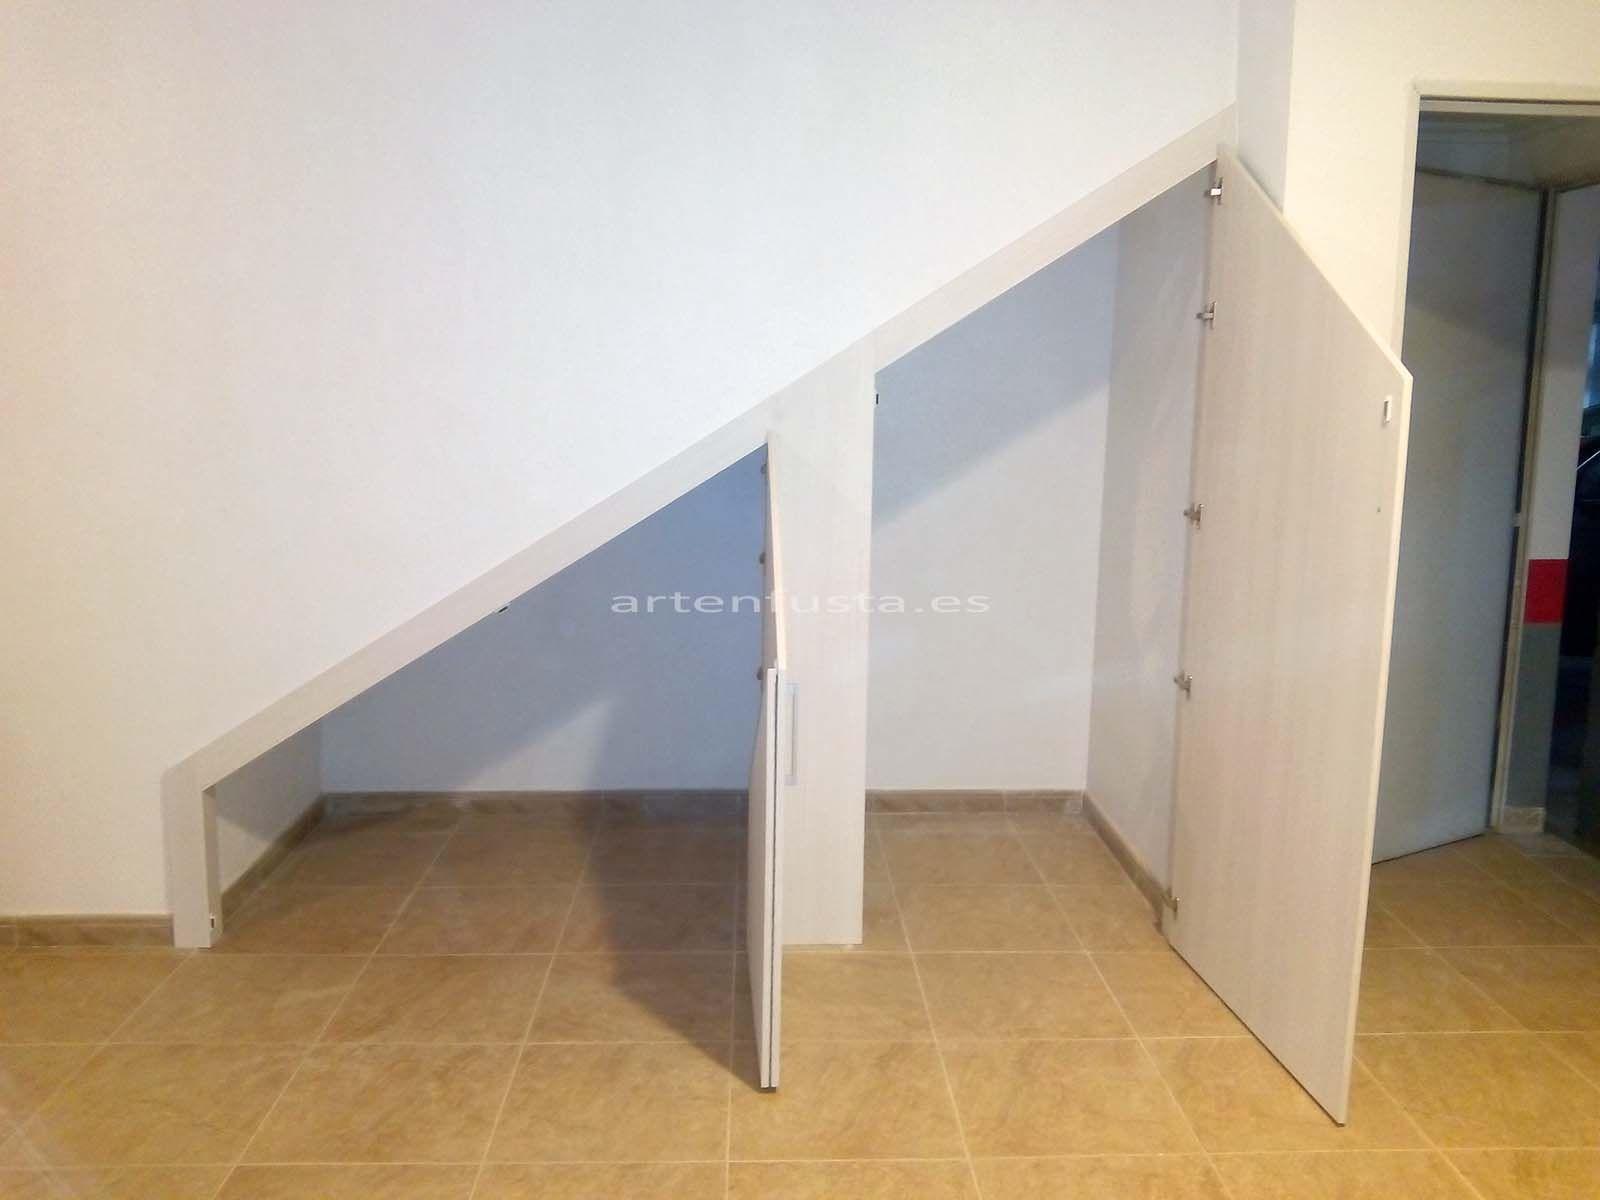 Puertas a medida de bajo de escalera elche alicante for Muebles de madera para debajo de la escalera